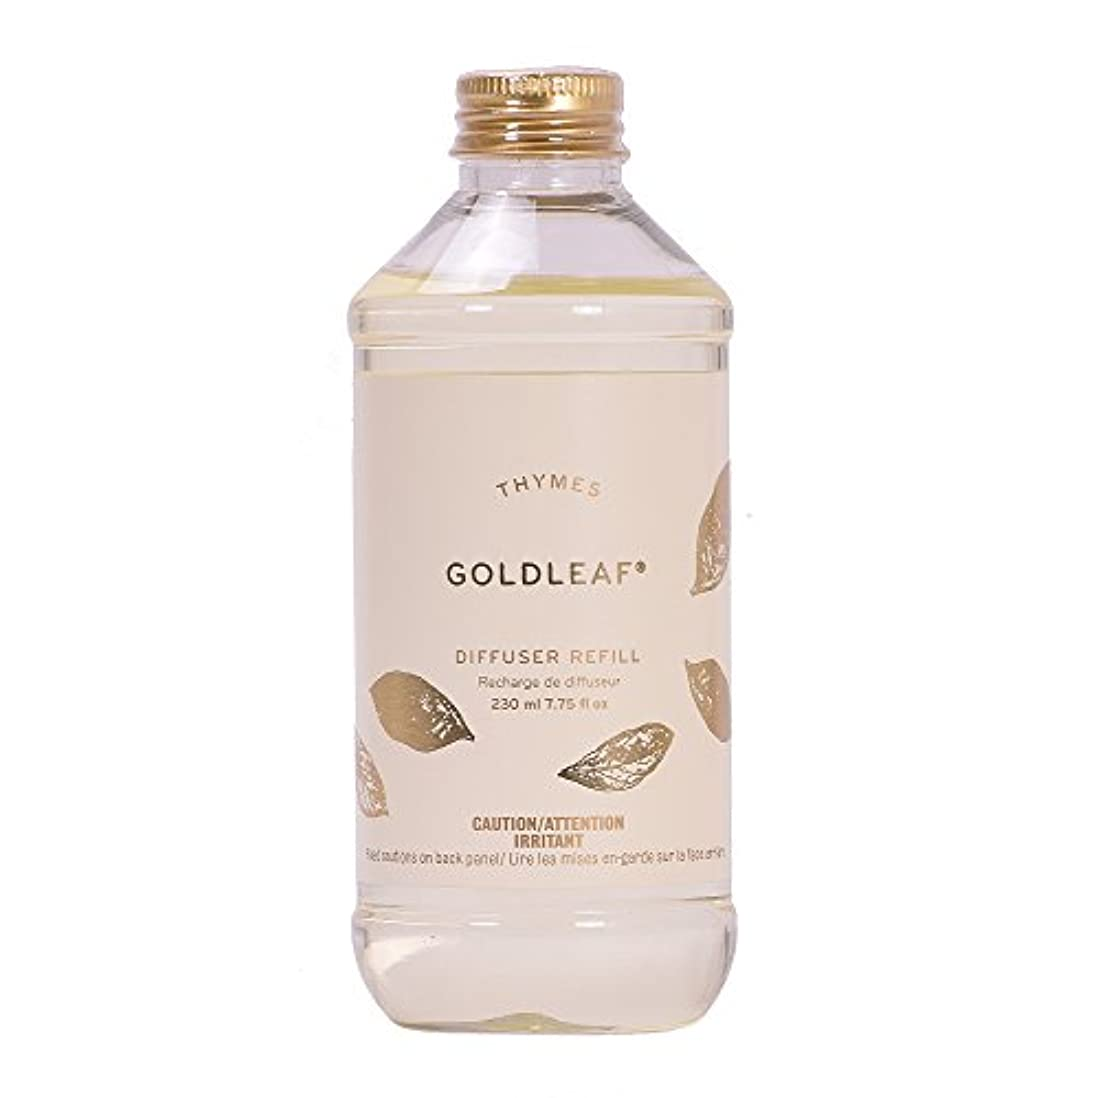 真空倫理的マトロンタイムズ Reed Diffuser Refill - Goldleaf 230ml/7.75oz並行輸入品